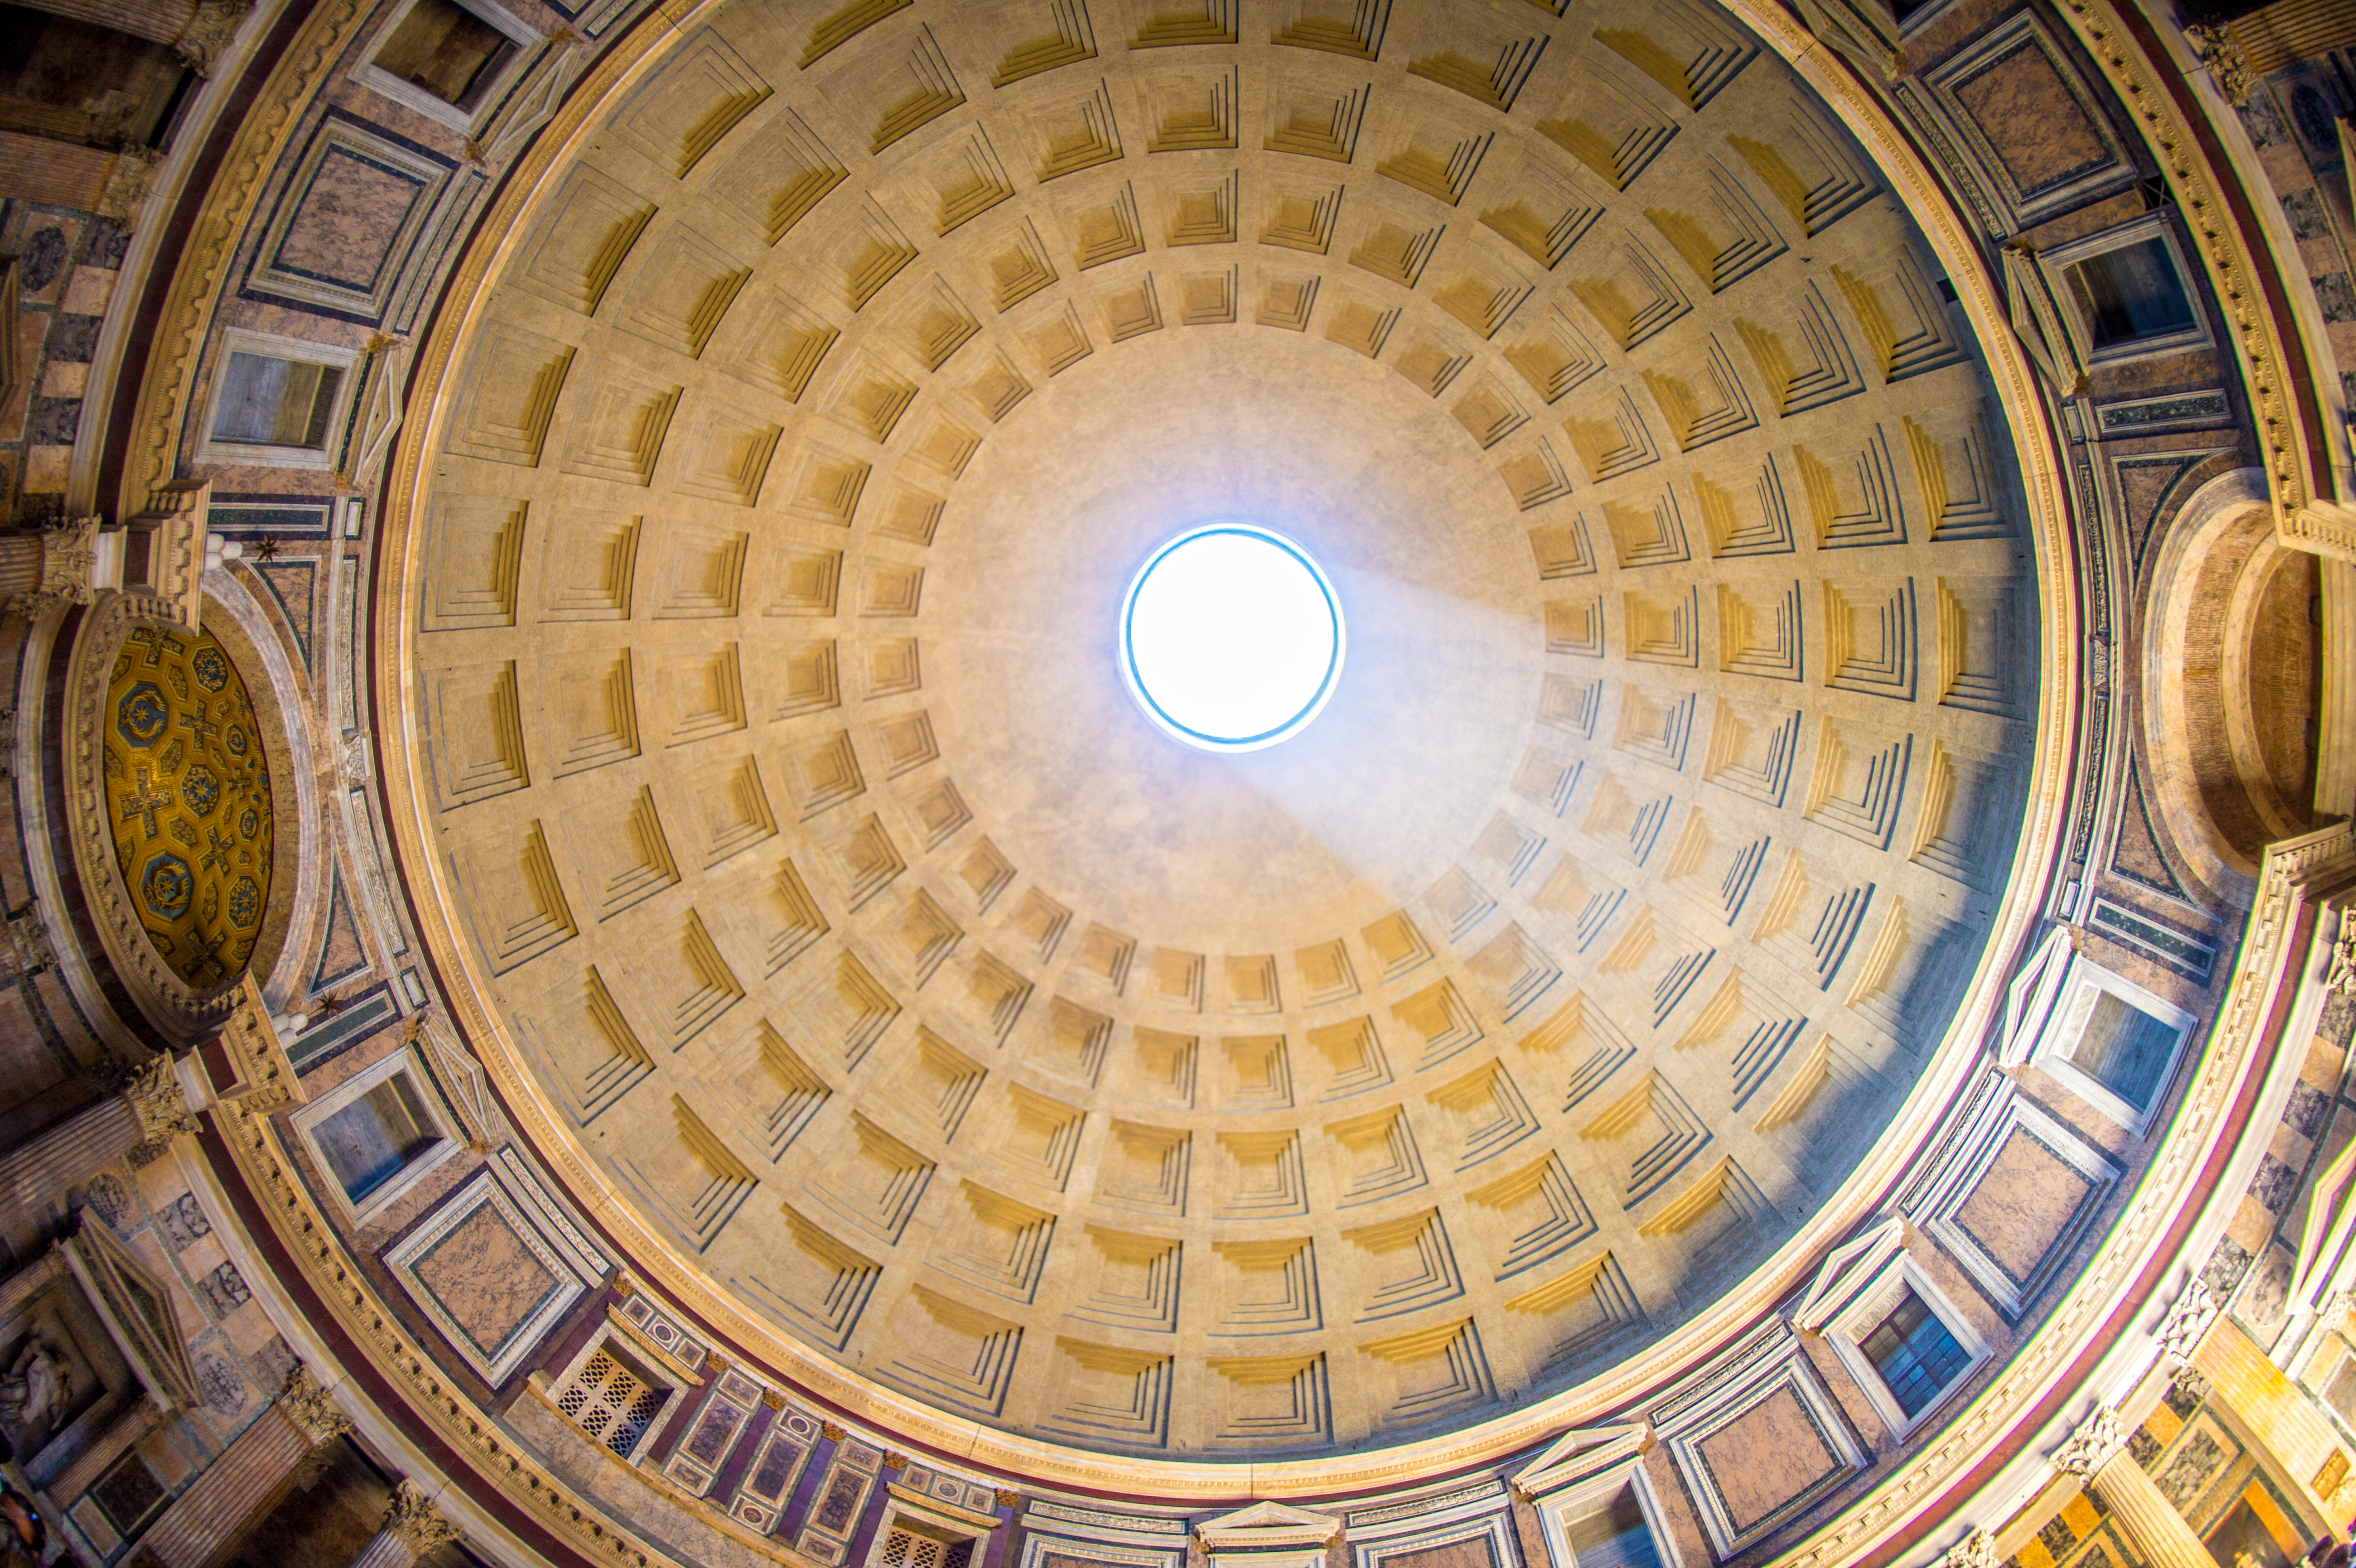 Melyik római épület híres a tetején tátongó kör alakú nyílásról, az oculusról?